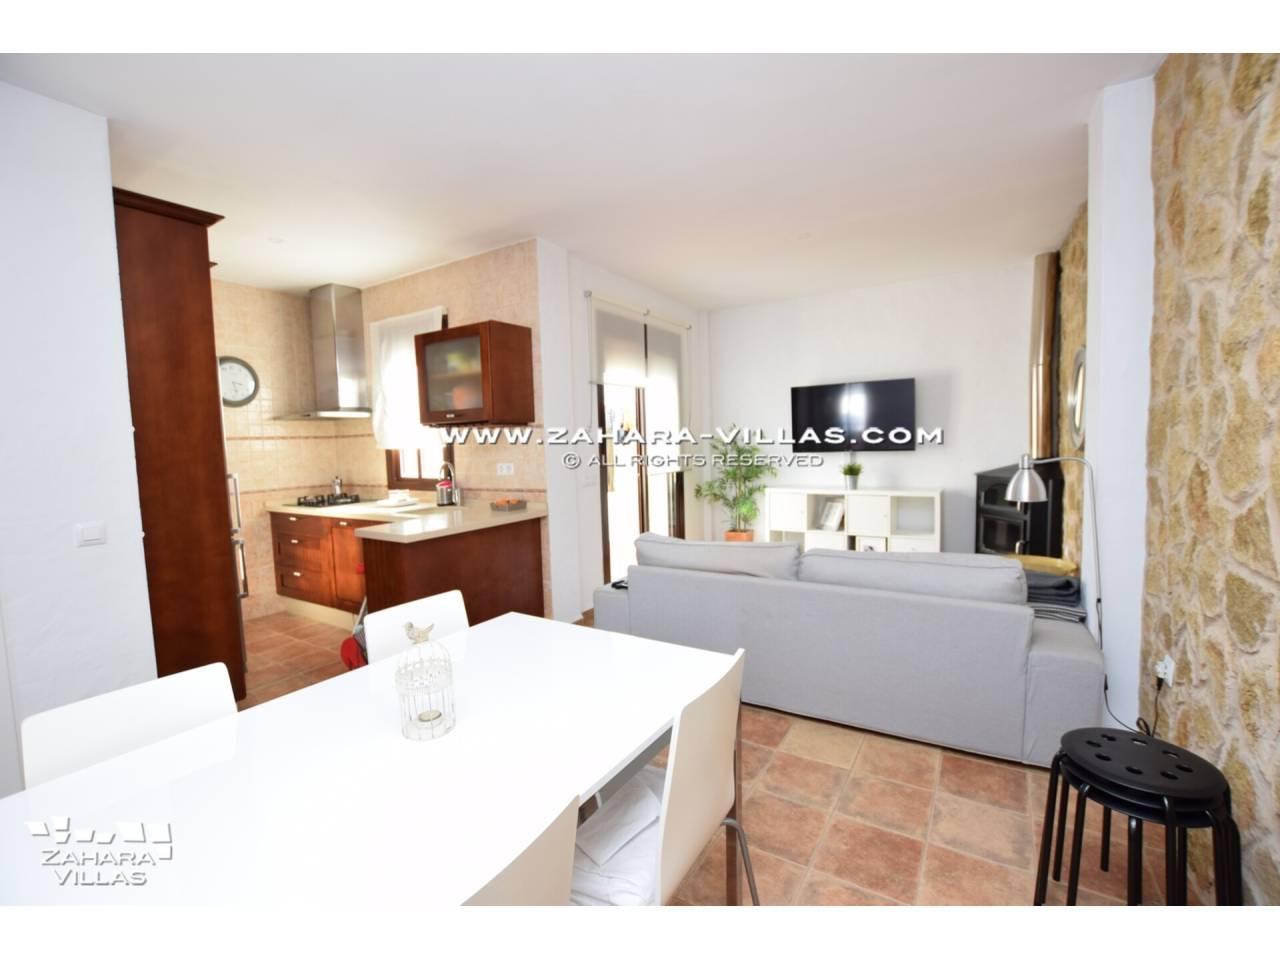 Imagen 35 de Haus zum verkauf in Zahara de los Atunes